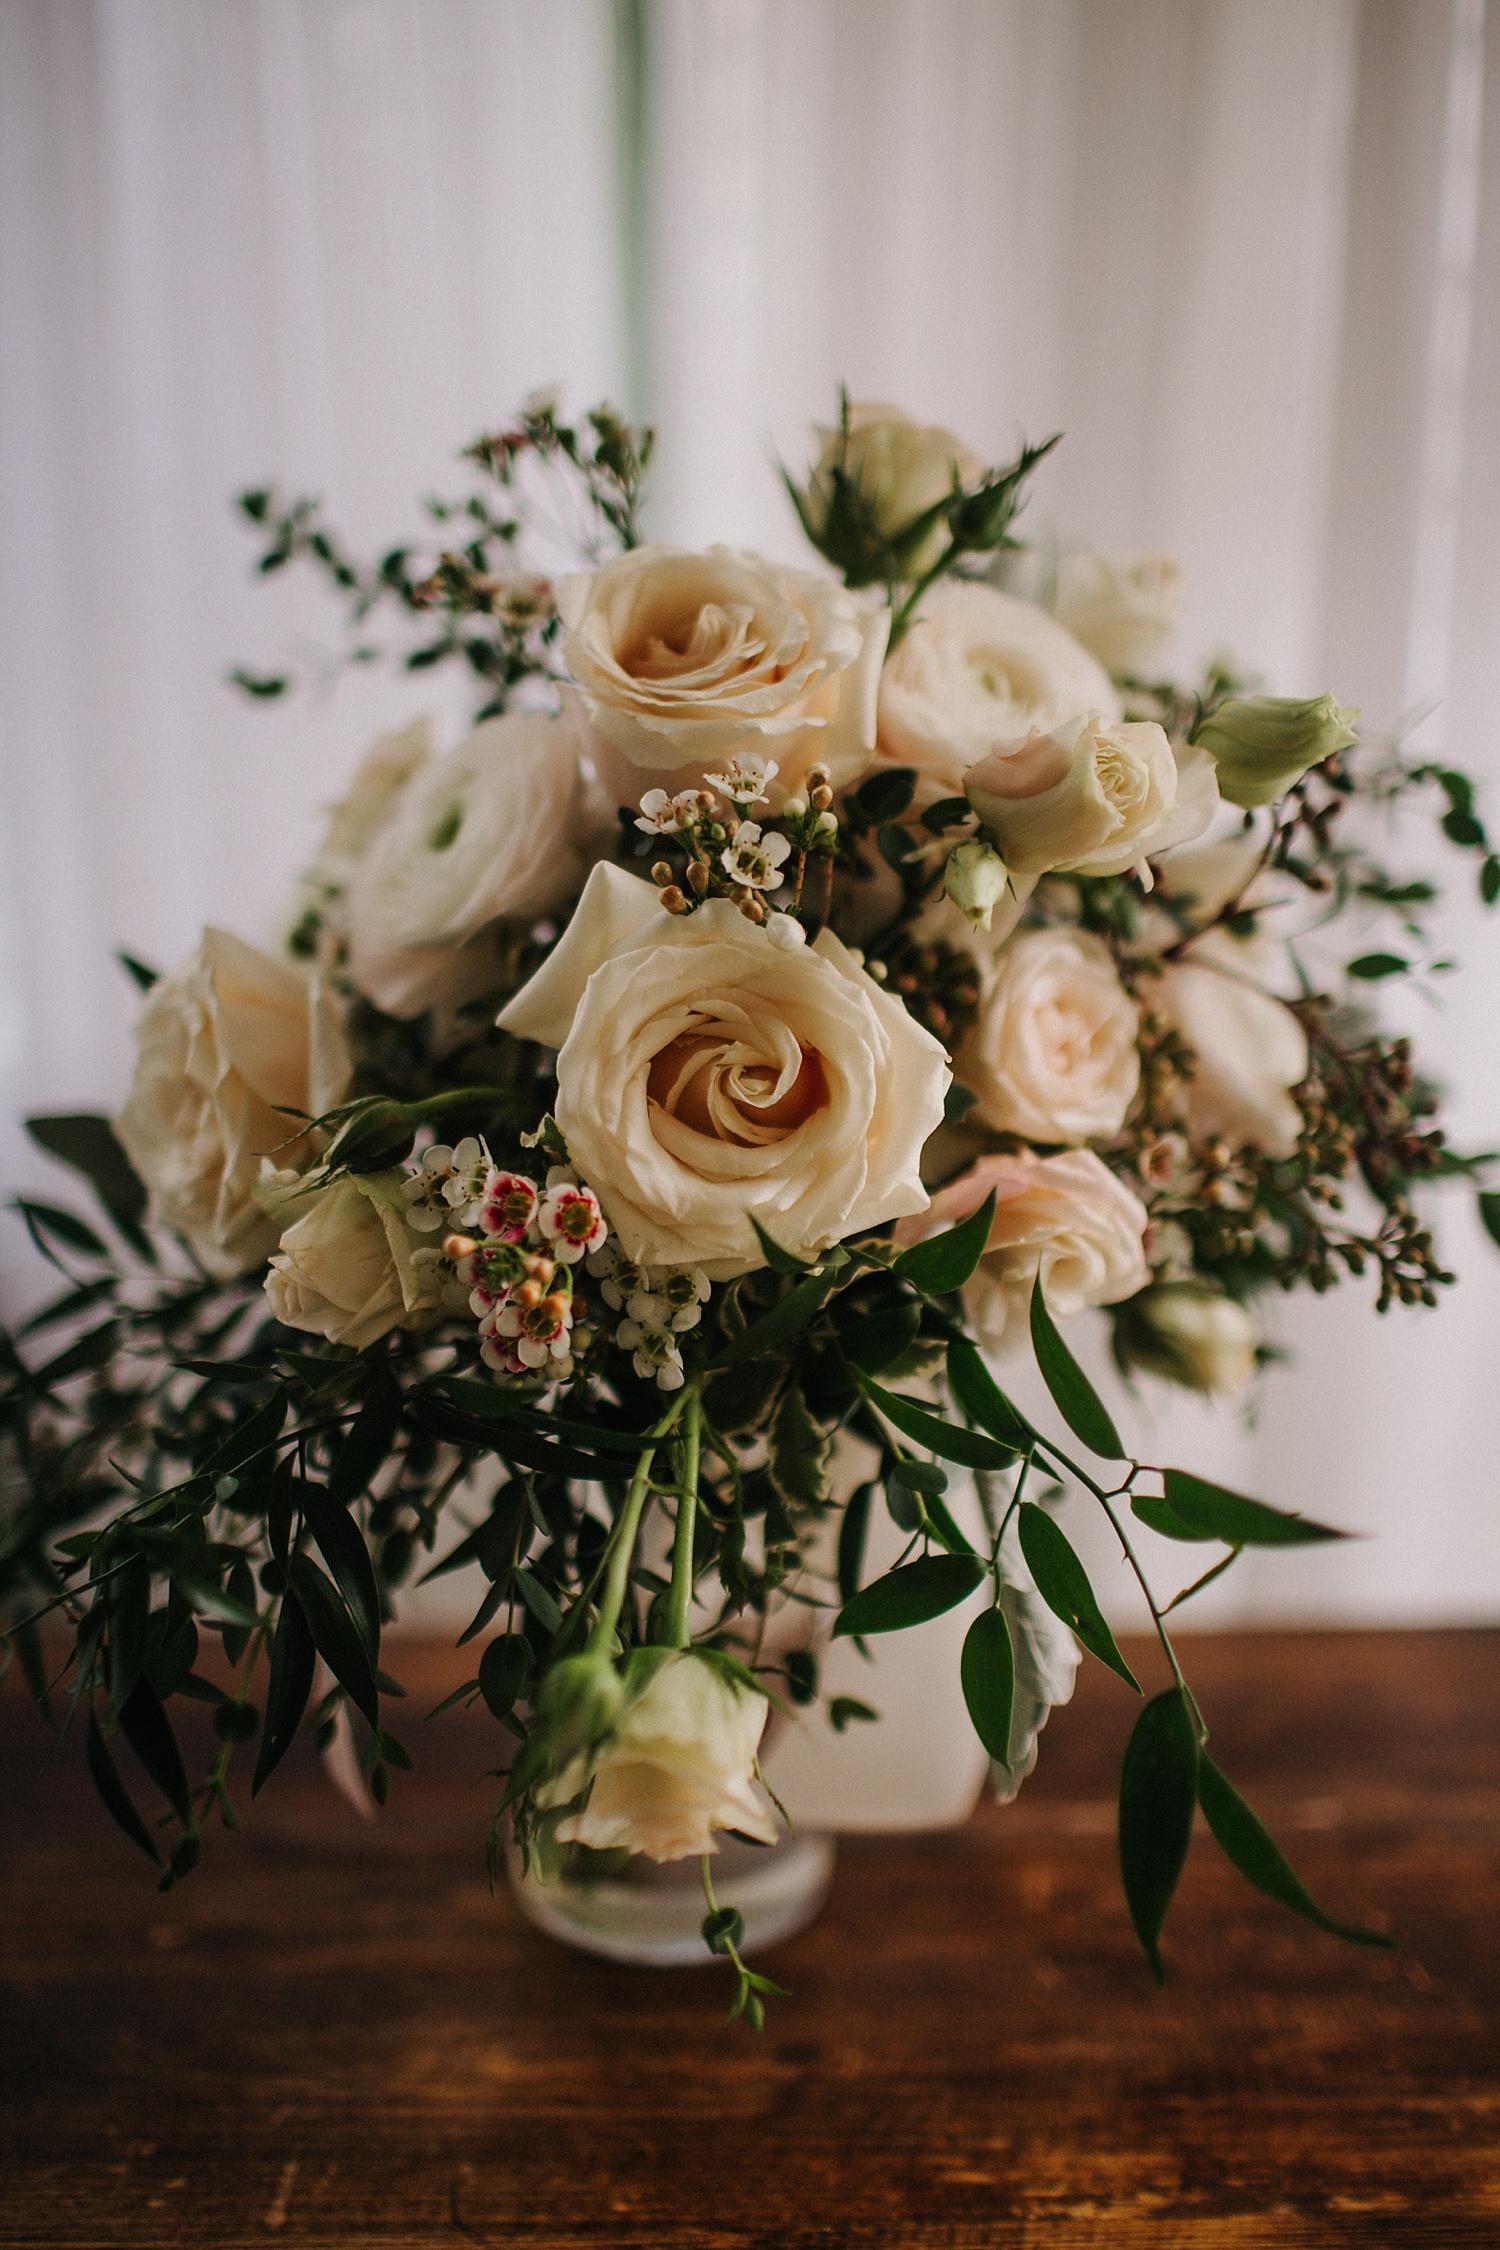 Peter + Kareena Rineer Downtown West Palm Beach December Wedding 2018_0001.jpg